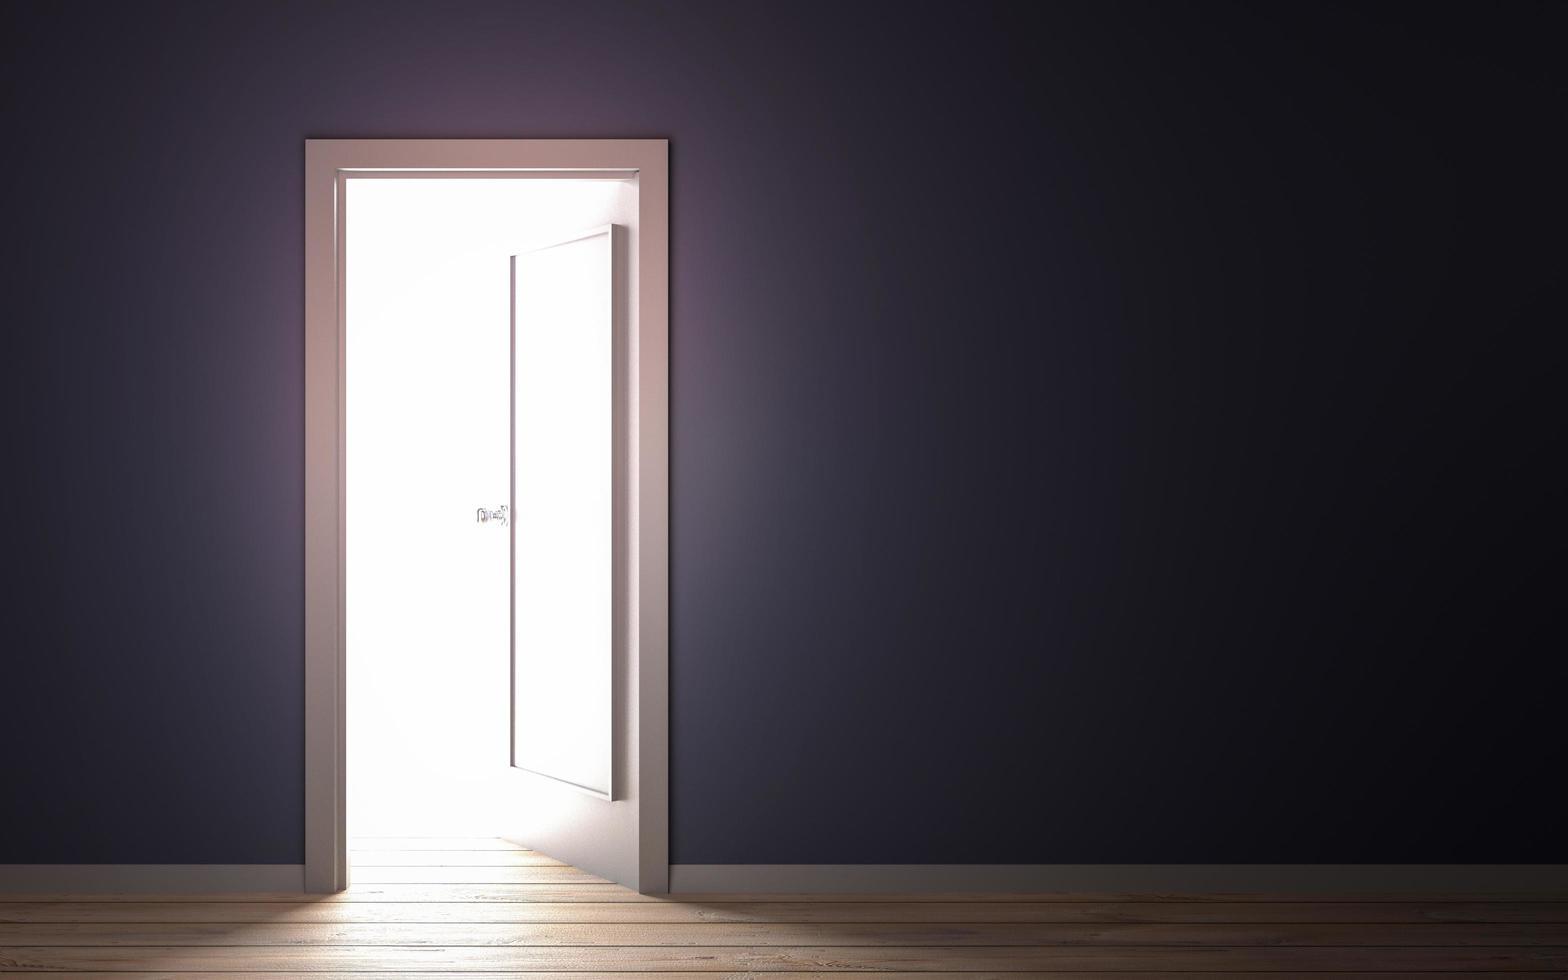 lumière qui fuit de la porte illustration 3d photo